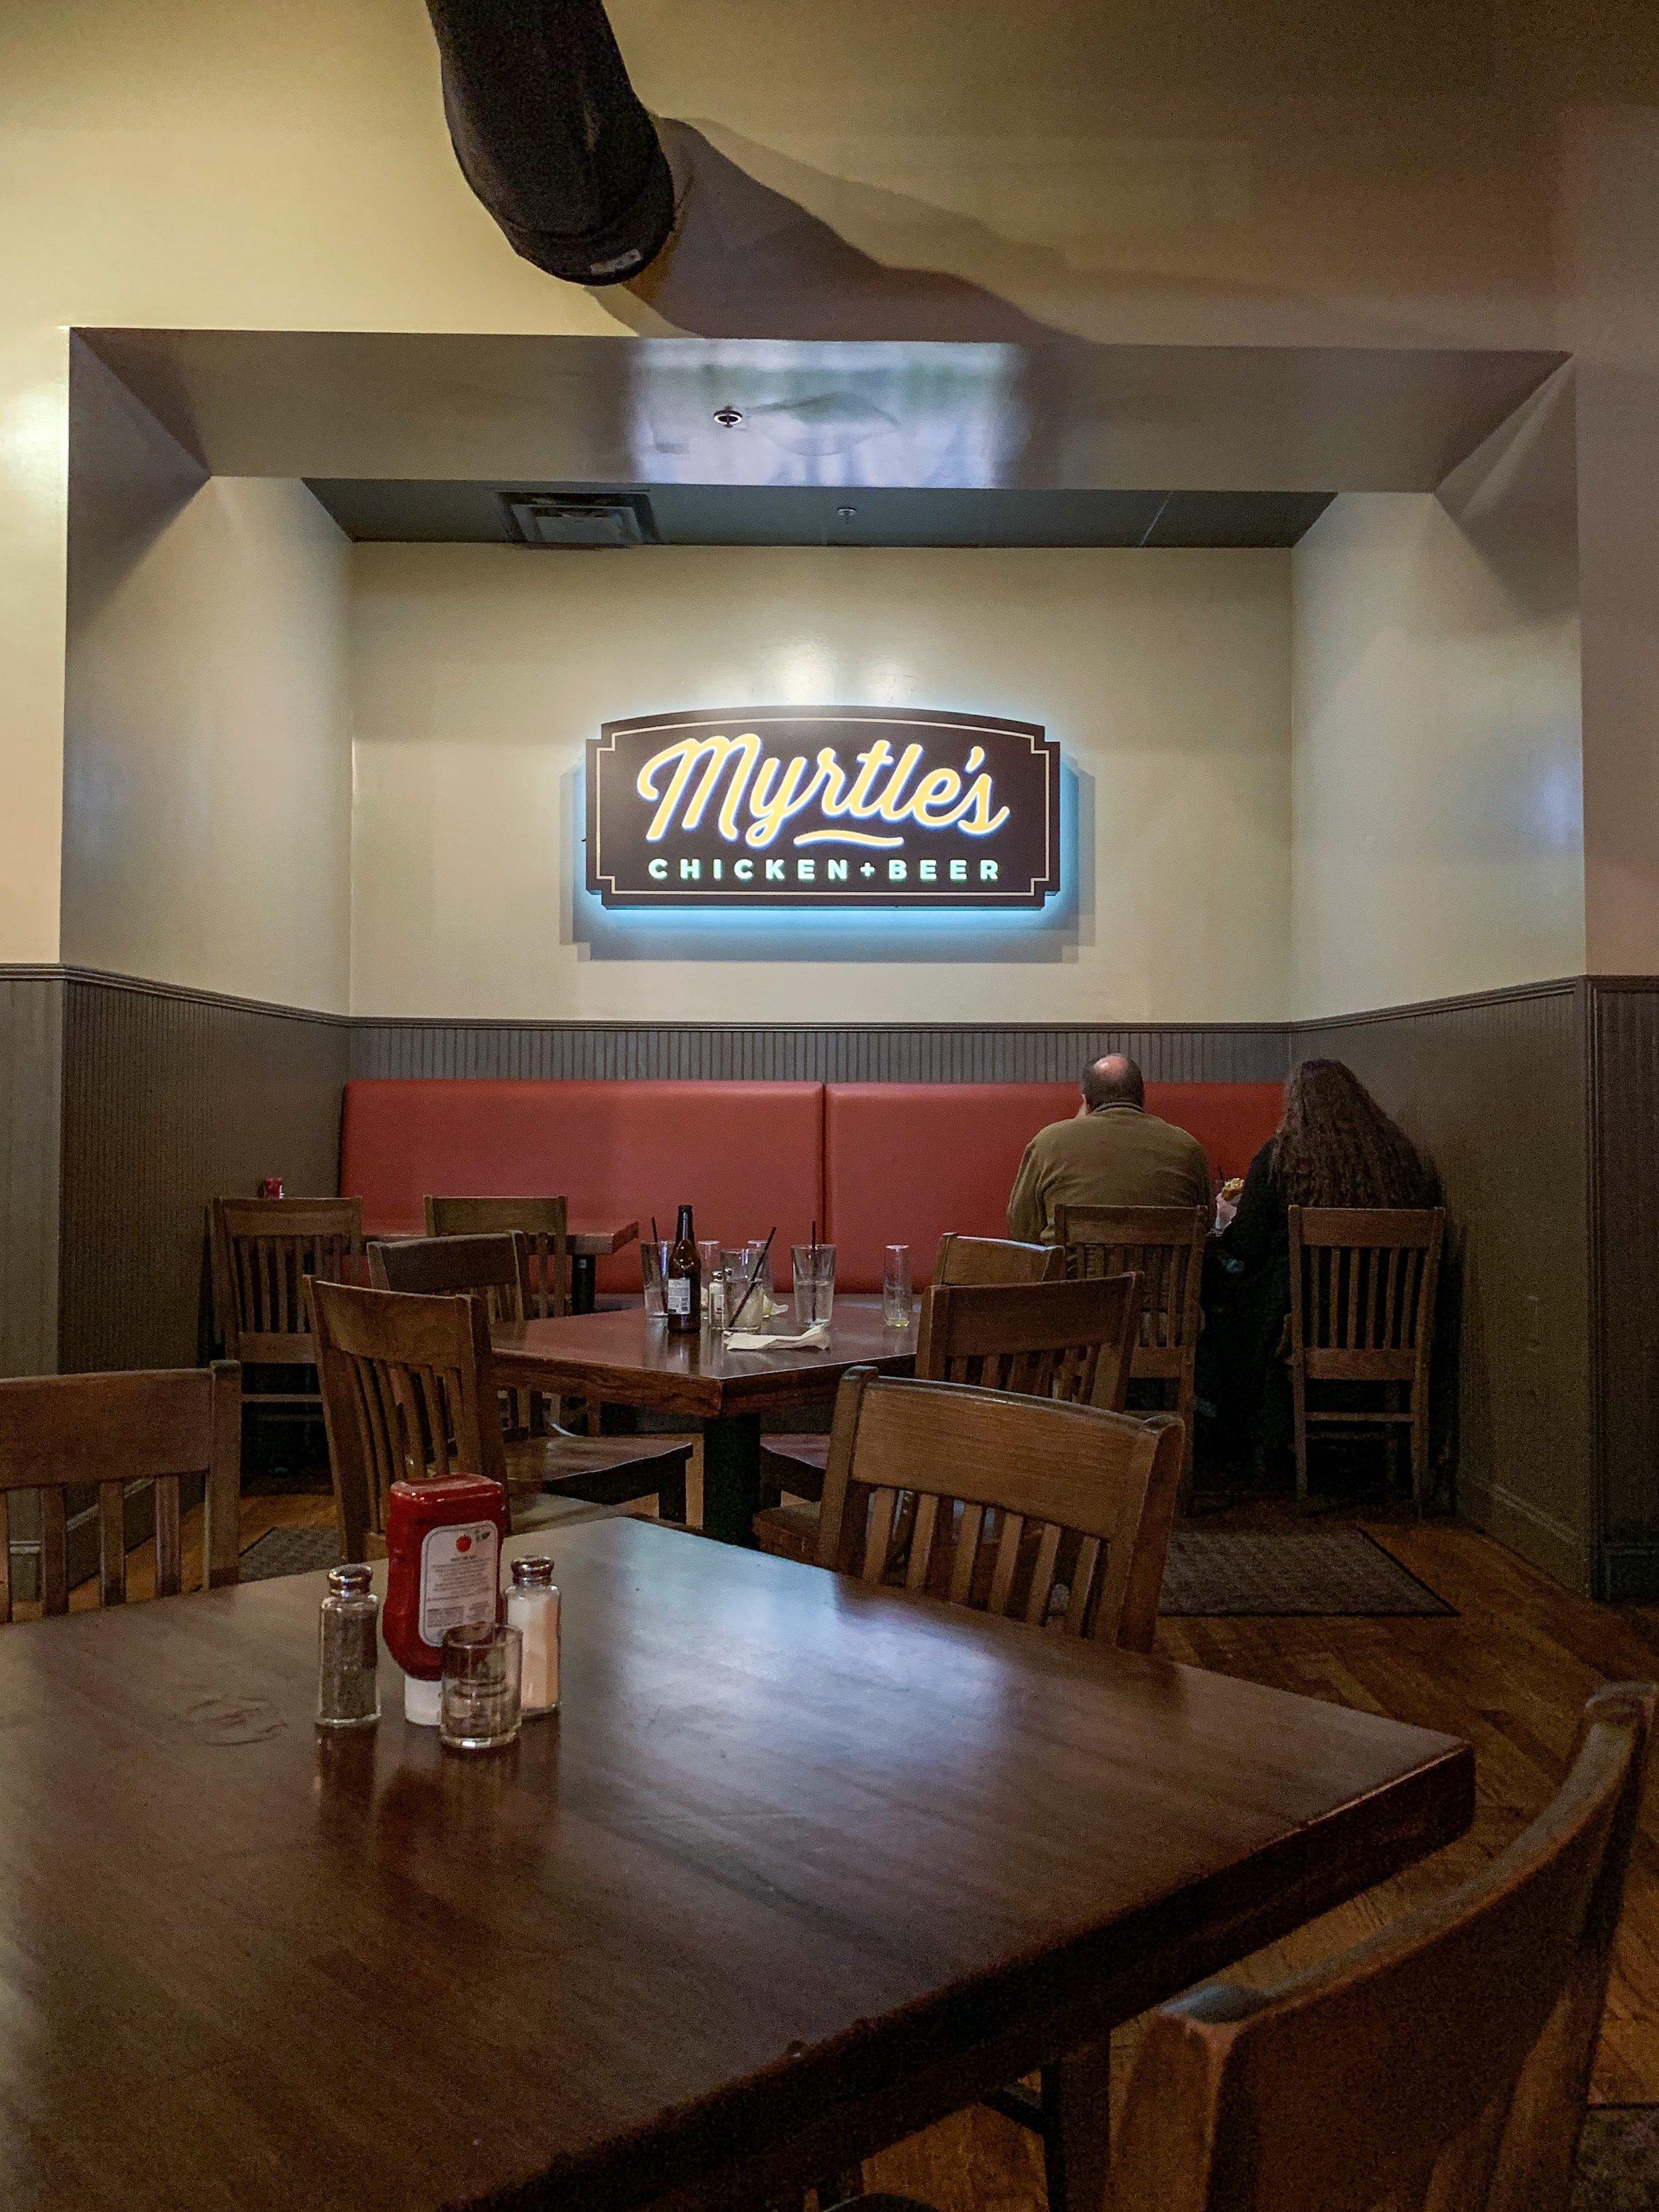 myrtle's chicken knoxville.JPEG